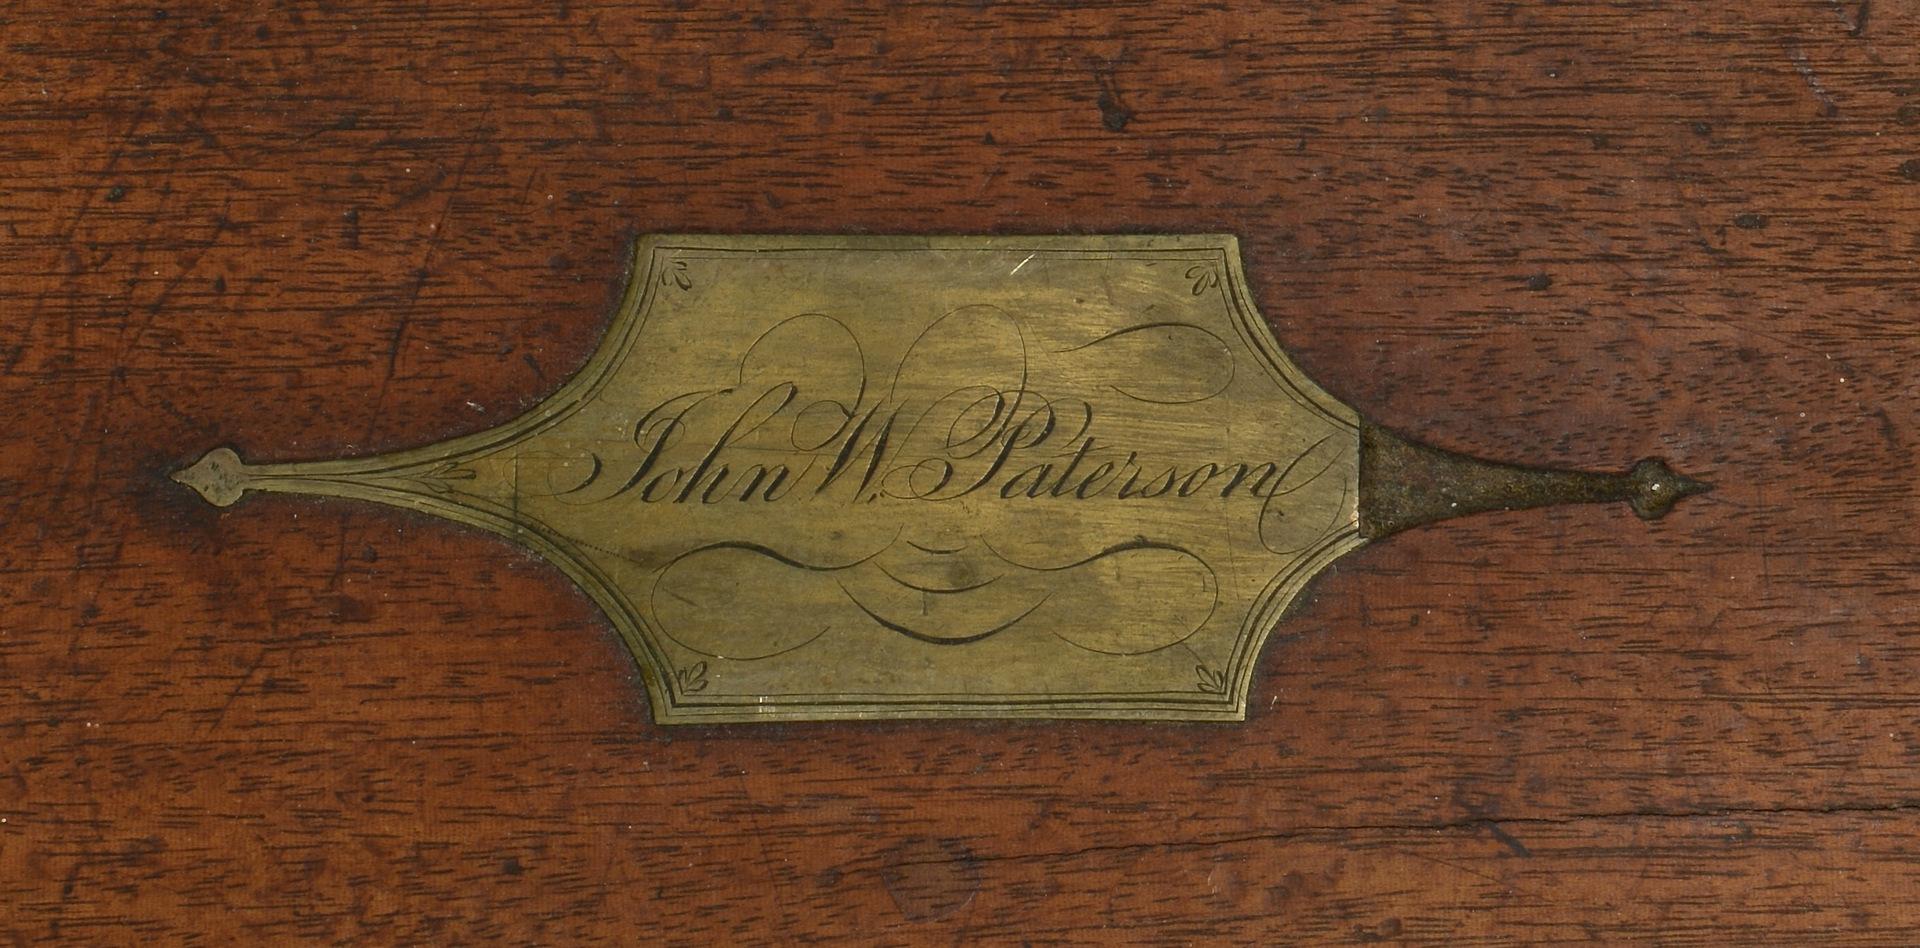 Lot 307: English Lap Desk & Box, 19th c.